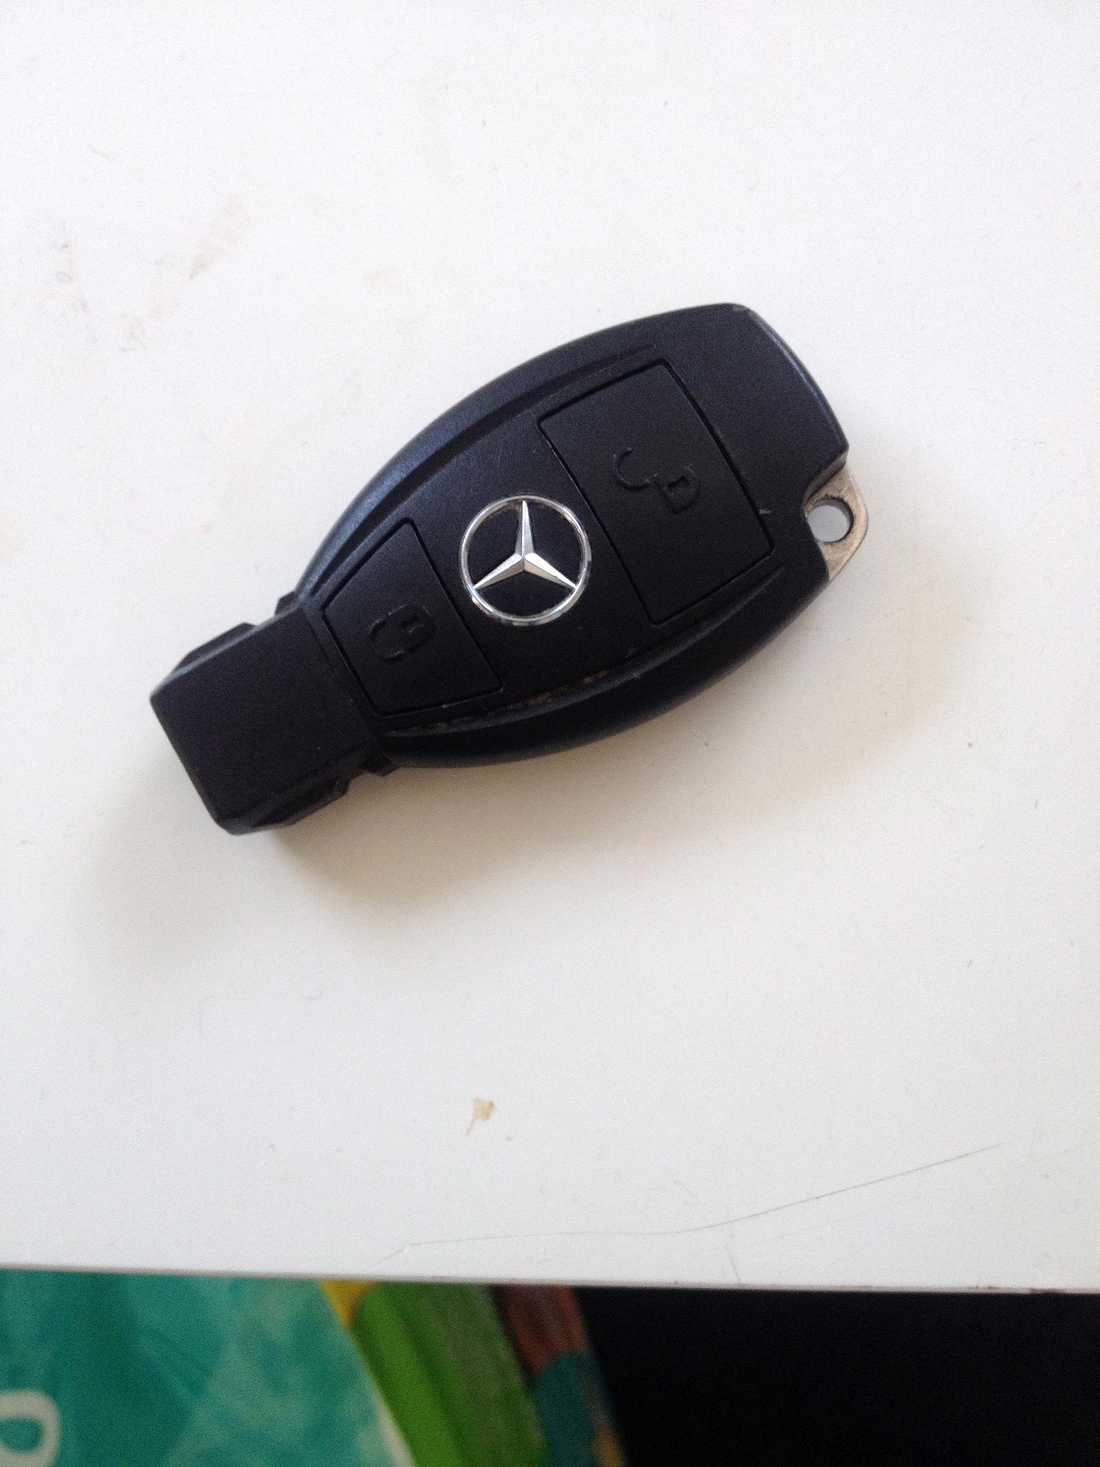 Nyckel till en Mercedes.